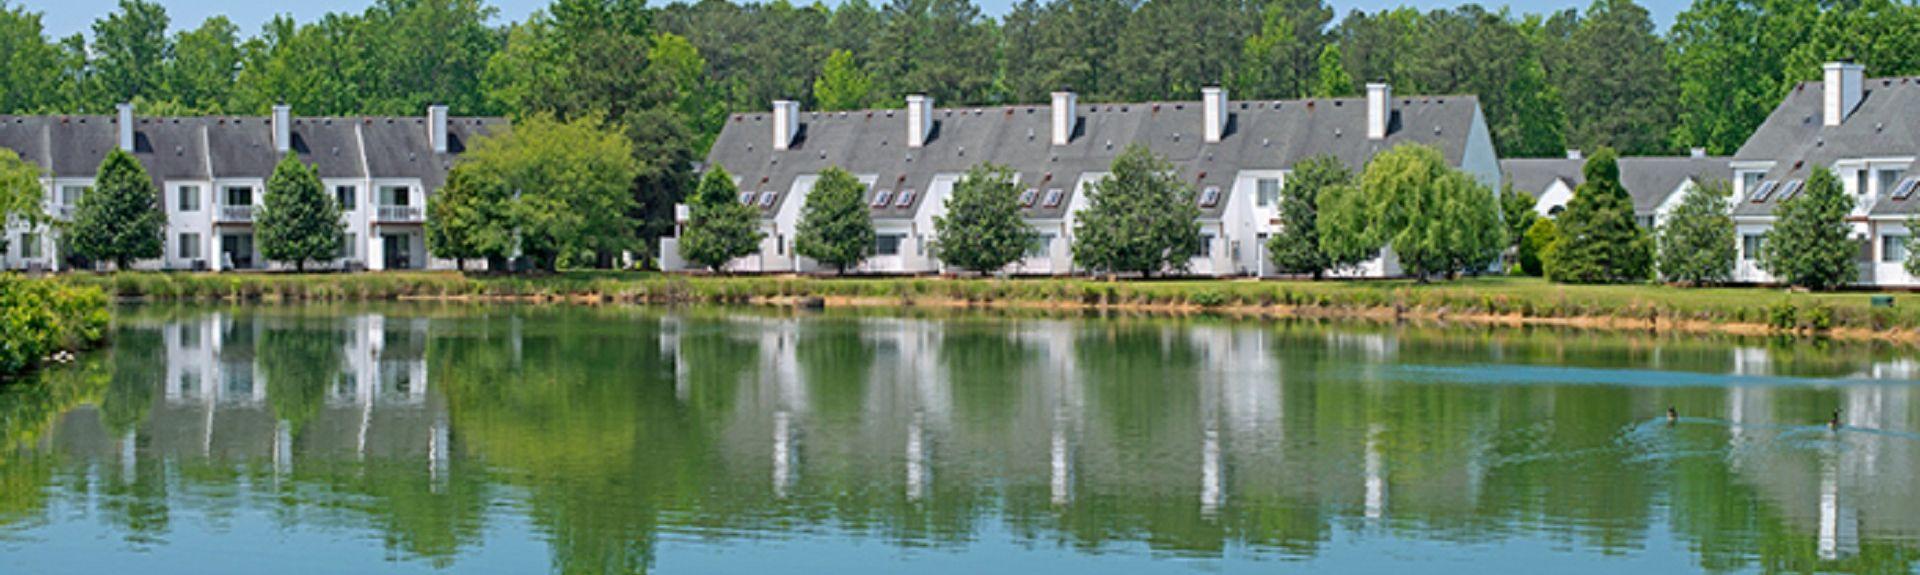 Colonial Williamsburg Visitor Center, Williamsburg, Virginia, United States of America